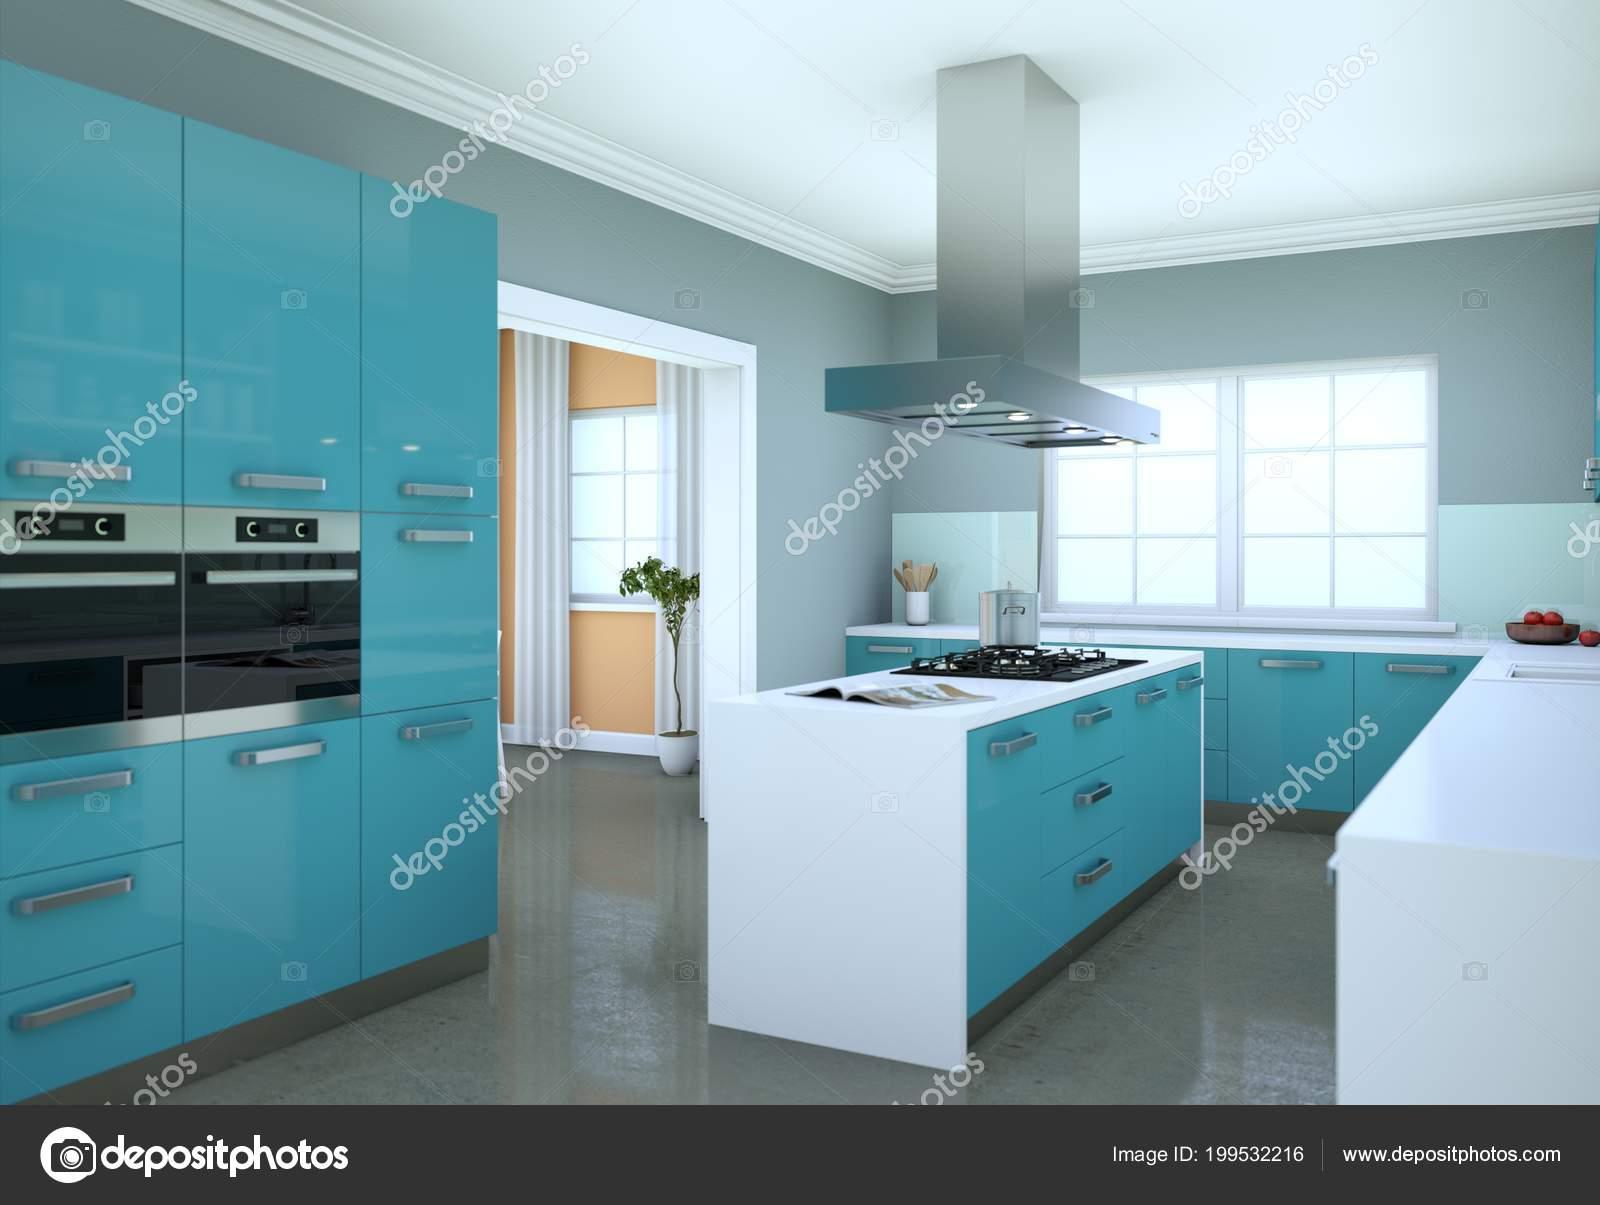 Cucina Moderna Blu.Cucina Moderna Blu In Un Piatto Con Un Bel Design Foto